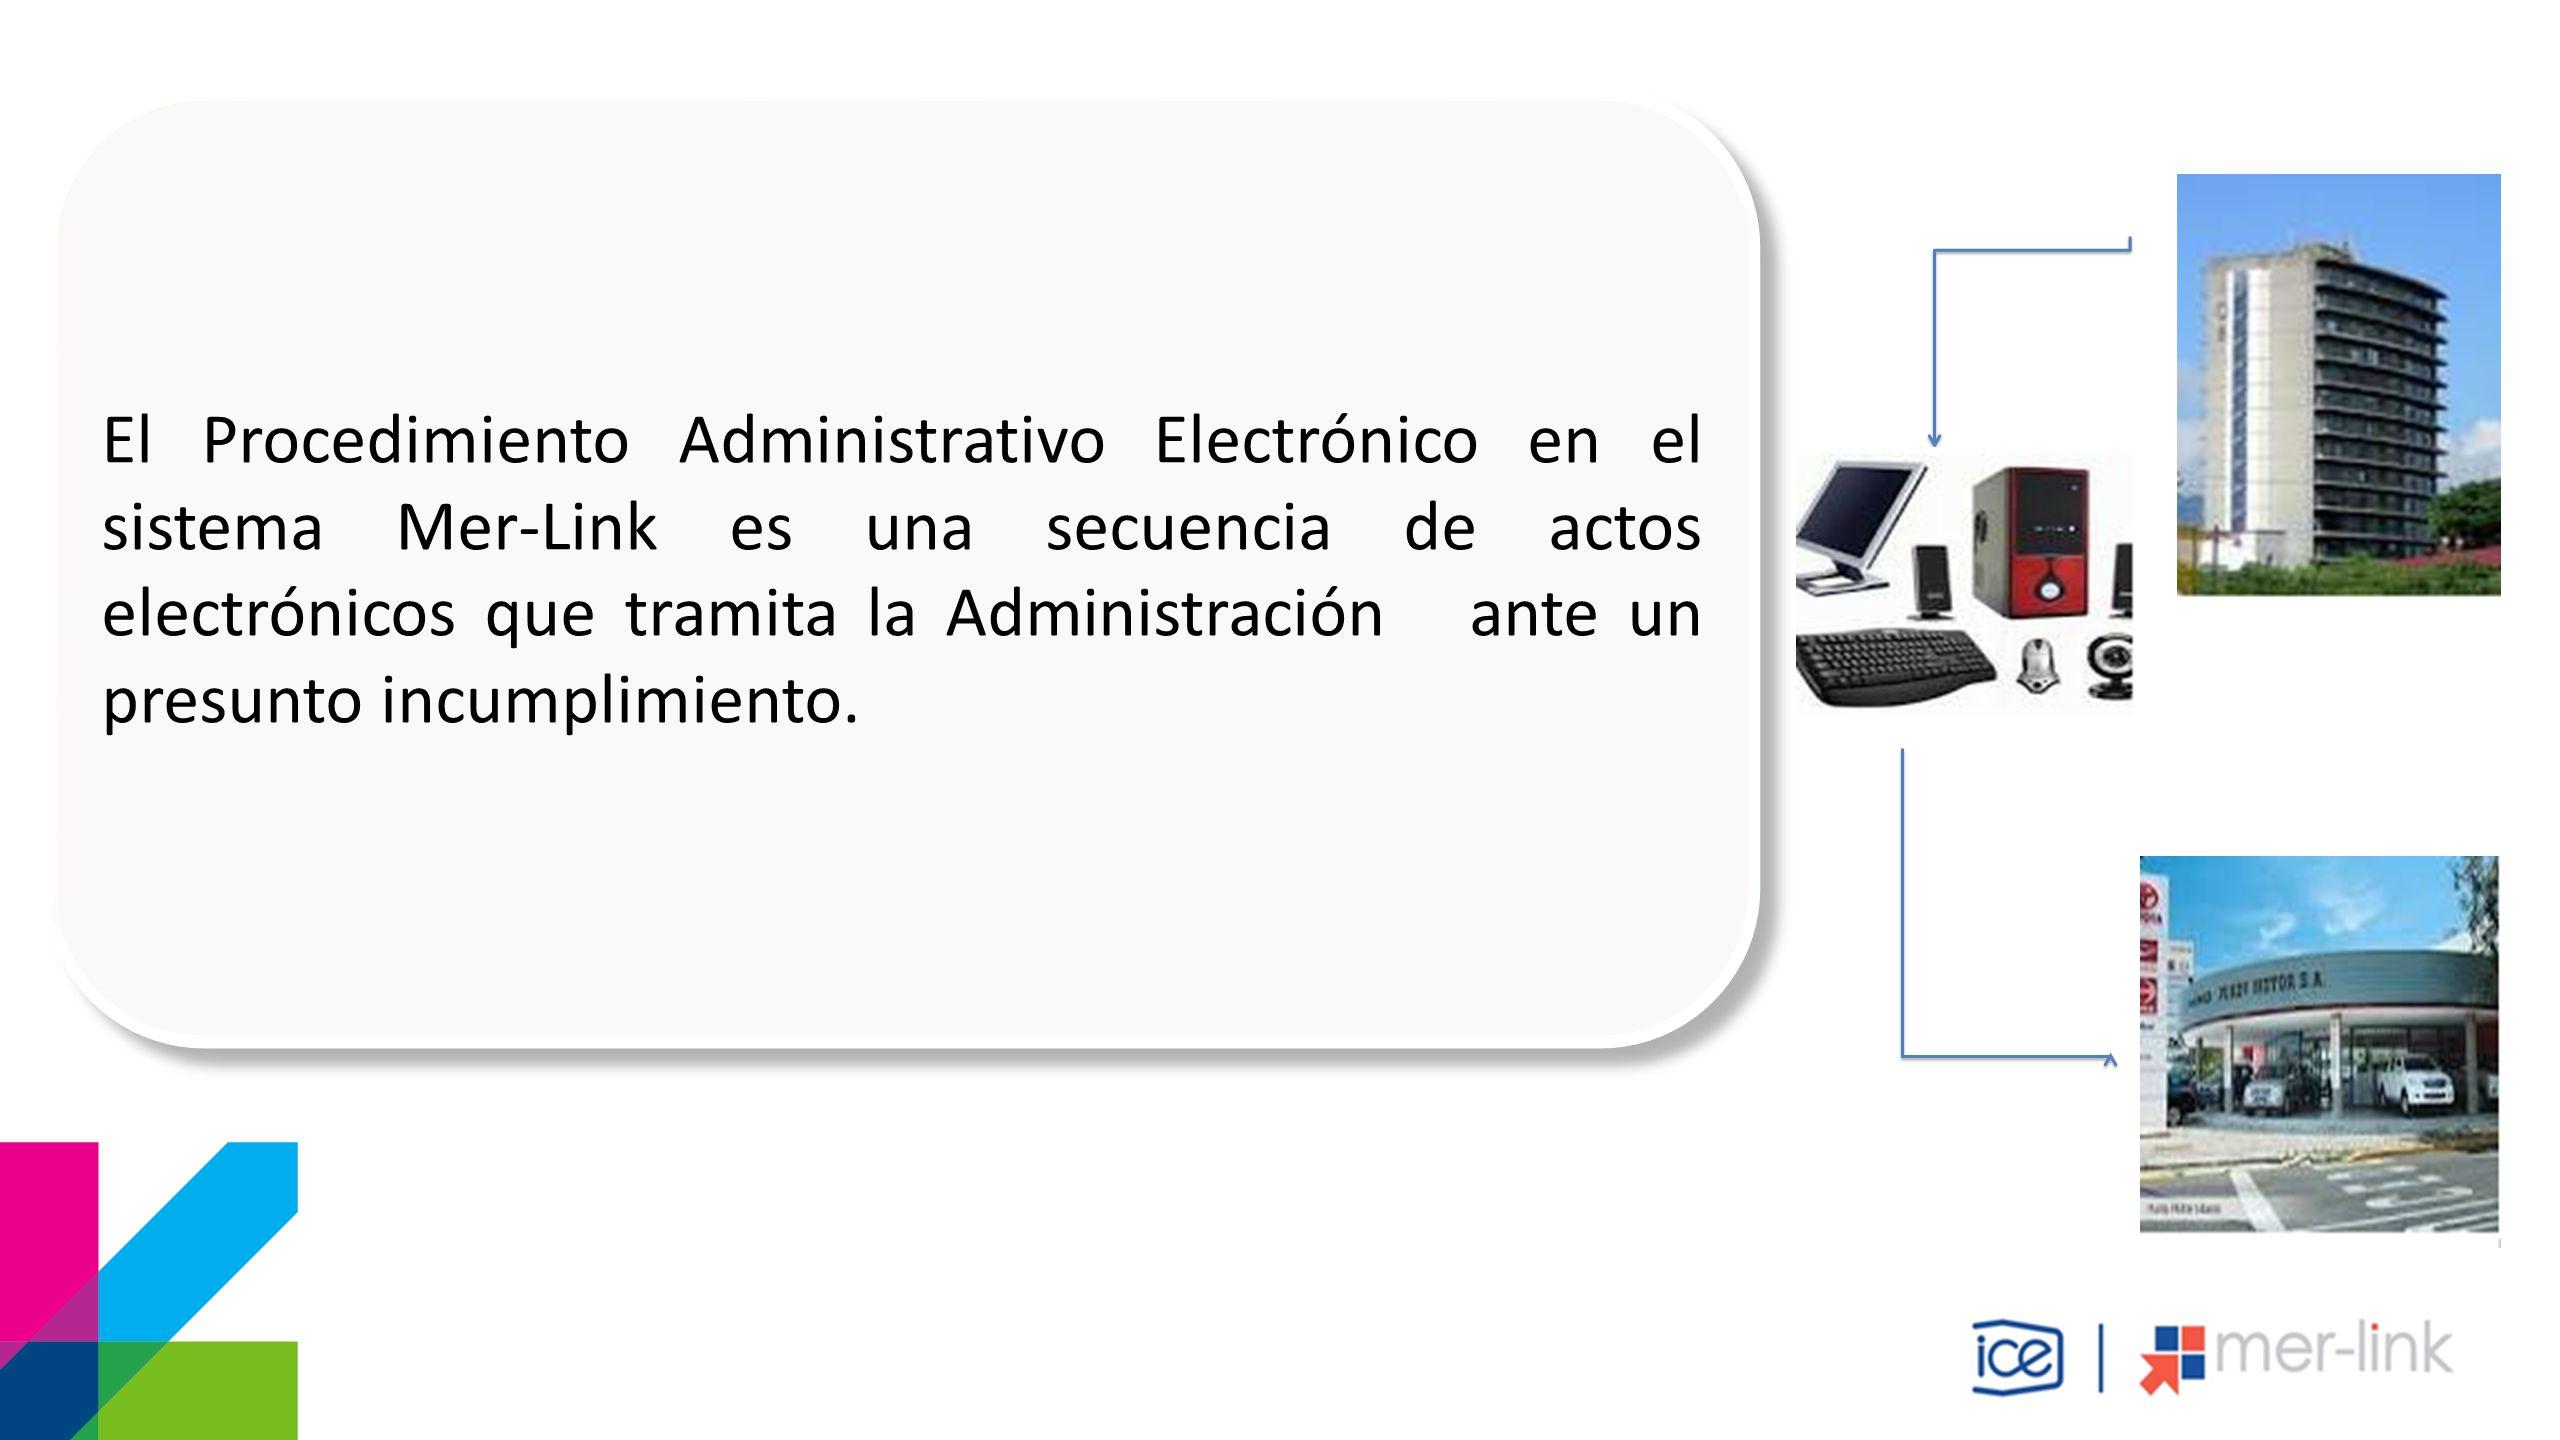 El Procedimiento Administrativo Electrónico en el sistema Mer-Link es una secuencia de actos electrónicos que tramita la Administración ante un presunto incumplimiento.